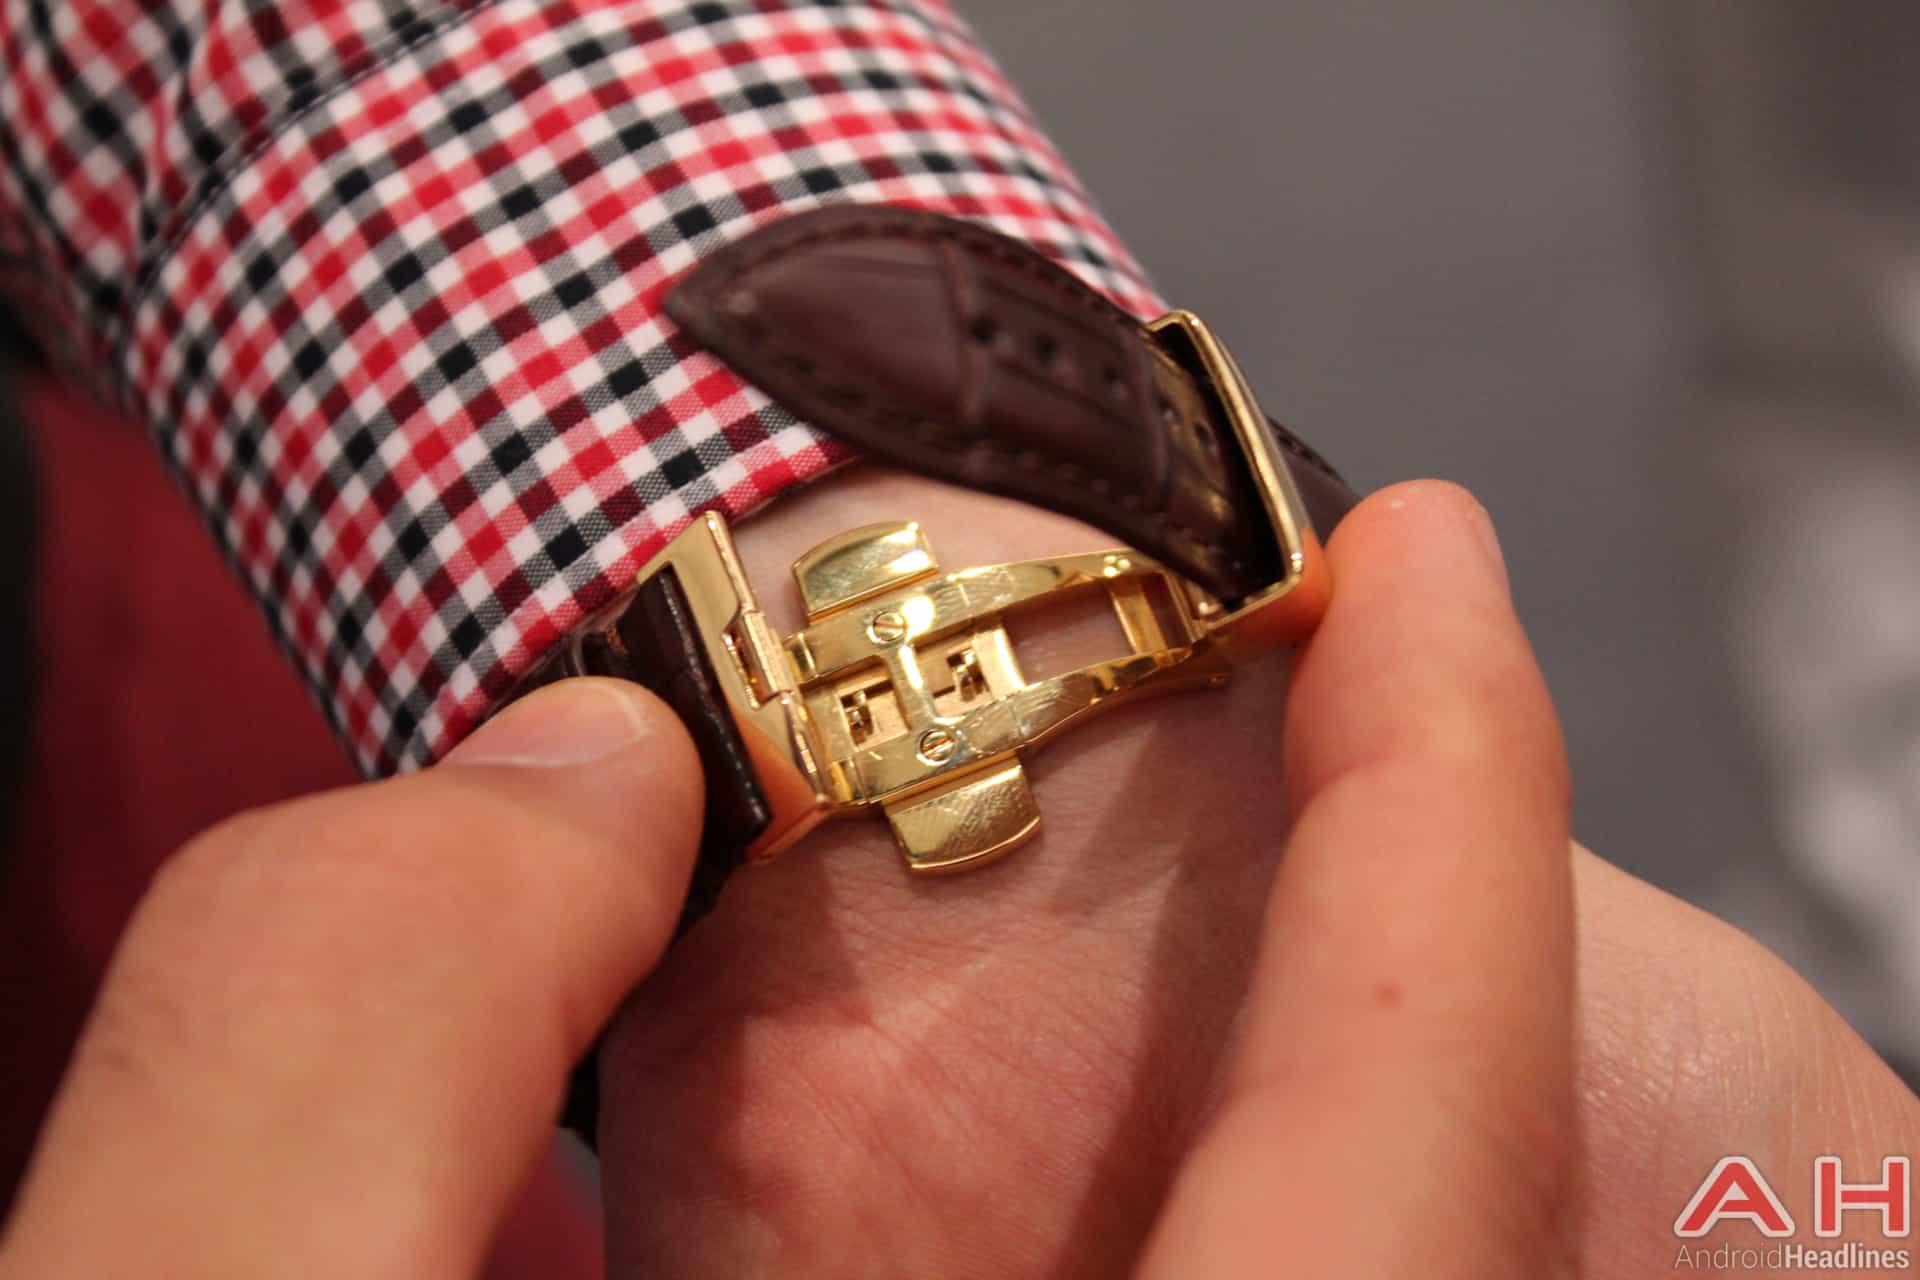 LG Watch Urbane Luxe AH 10